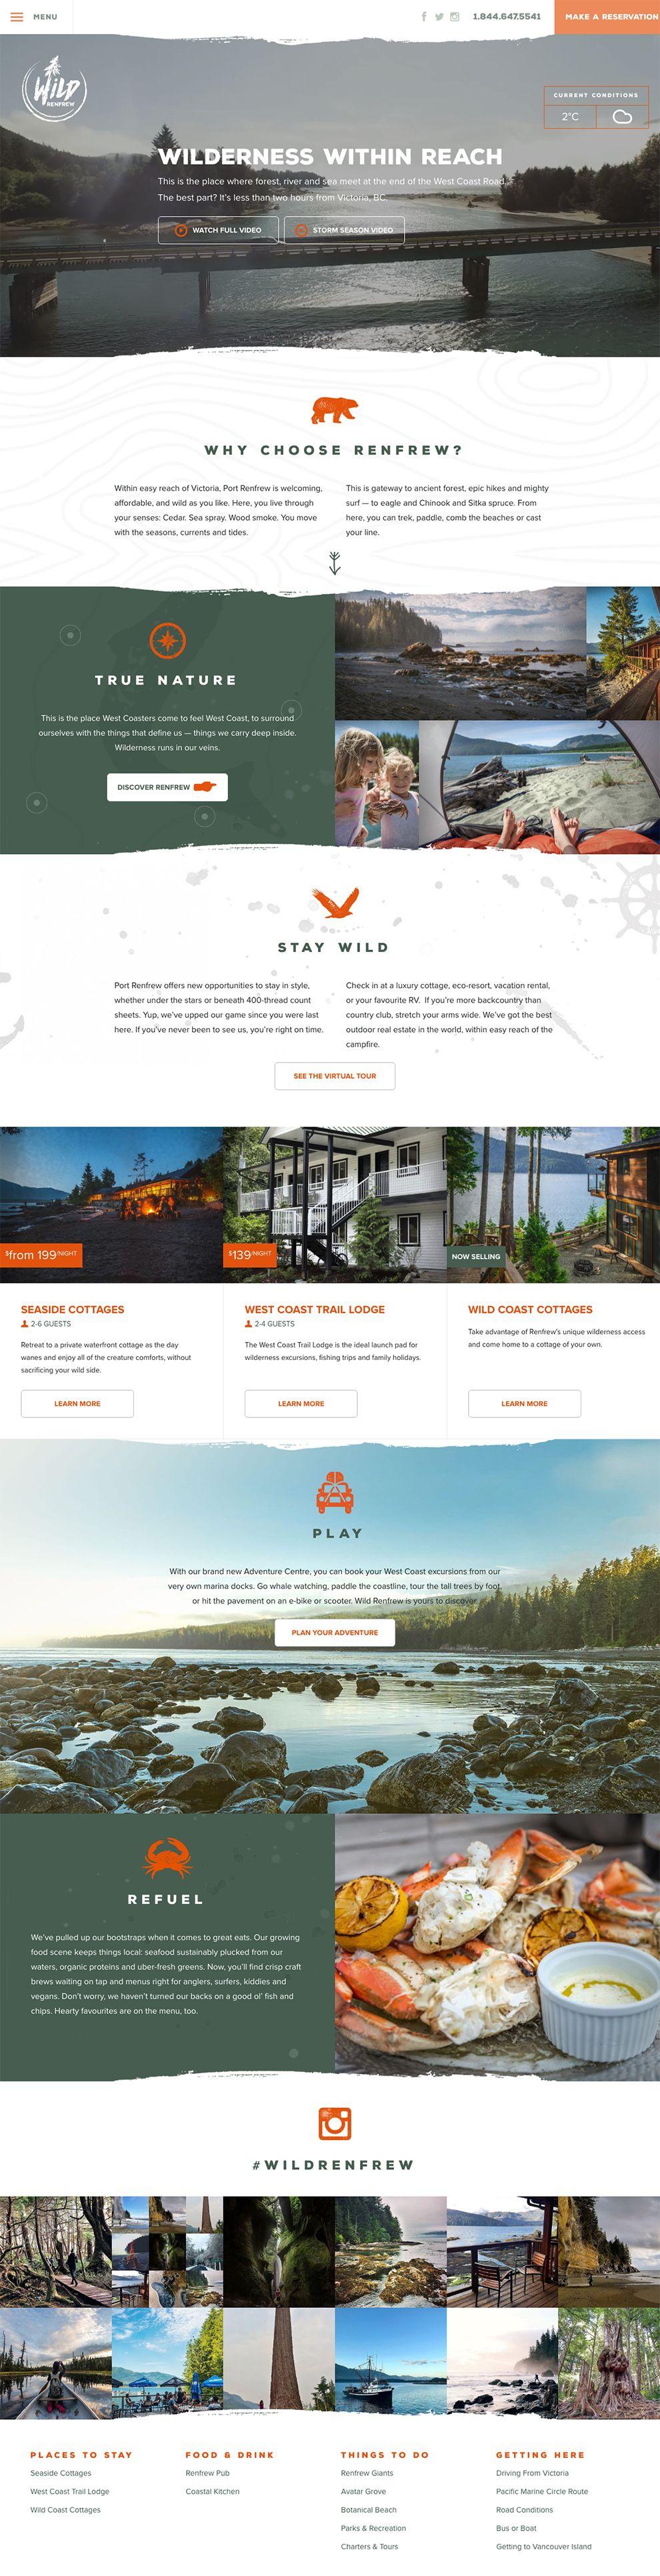 Wild Renfrew Great Homepage